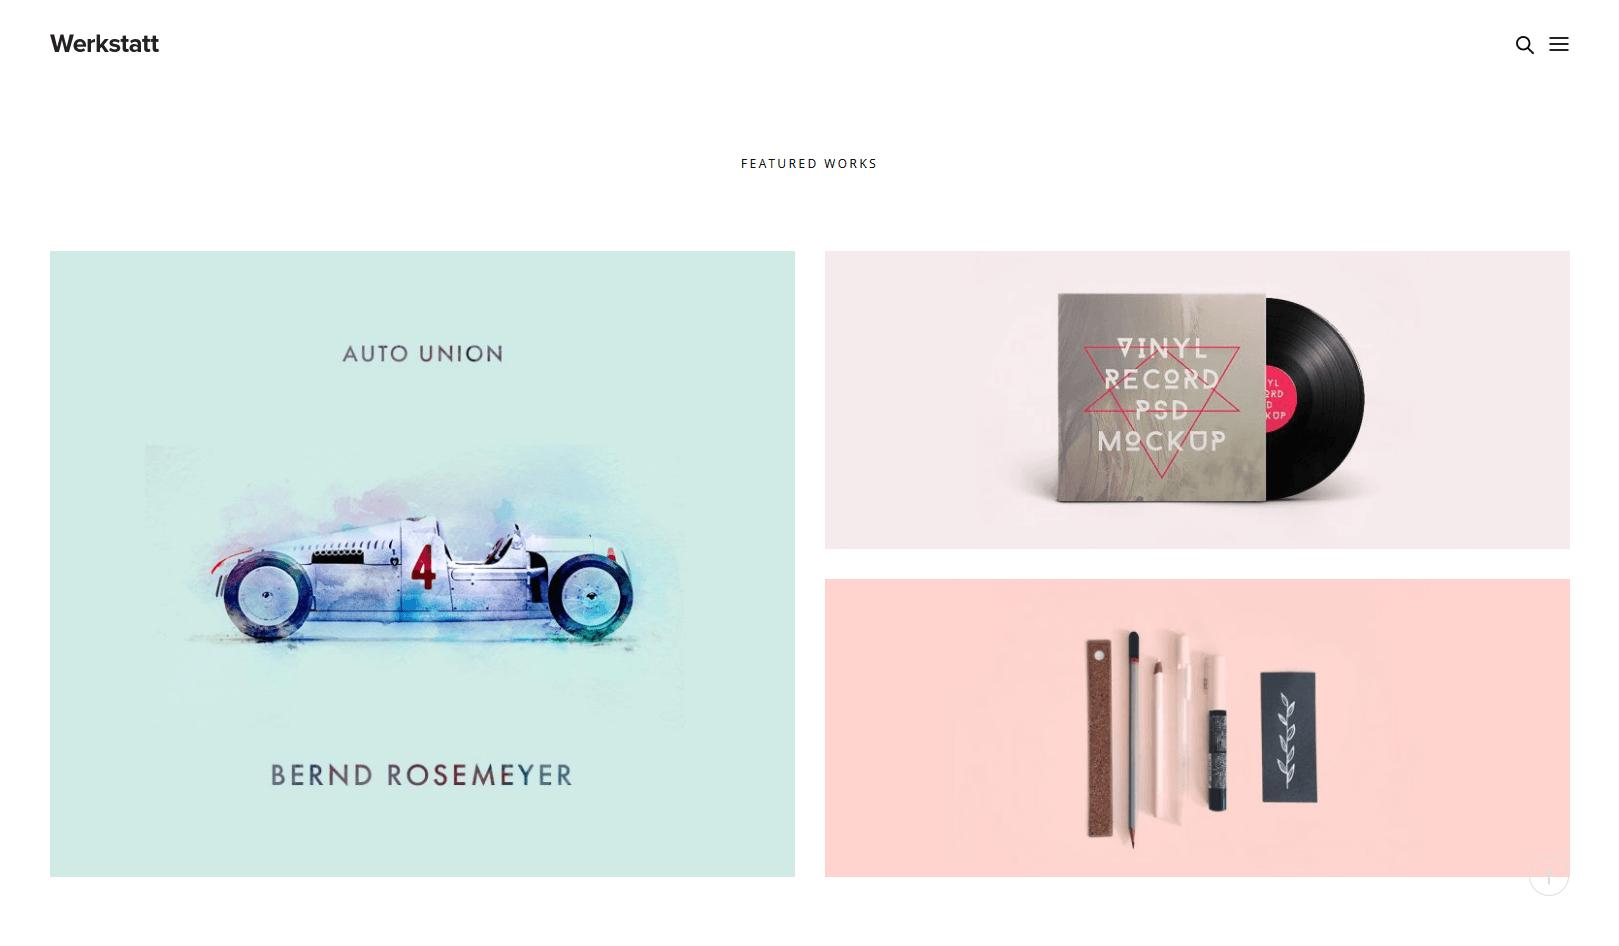 WP WerkStatt Agency Modern – Werkstatt Creative Portfolio WordPress Theme compressor 1